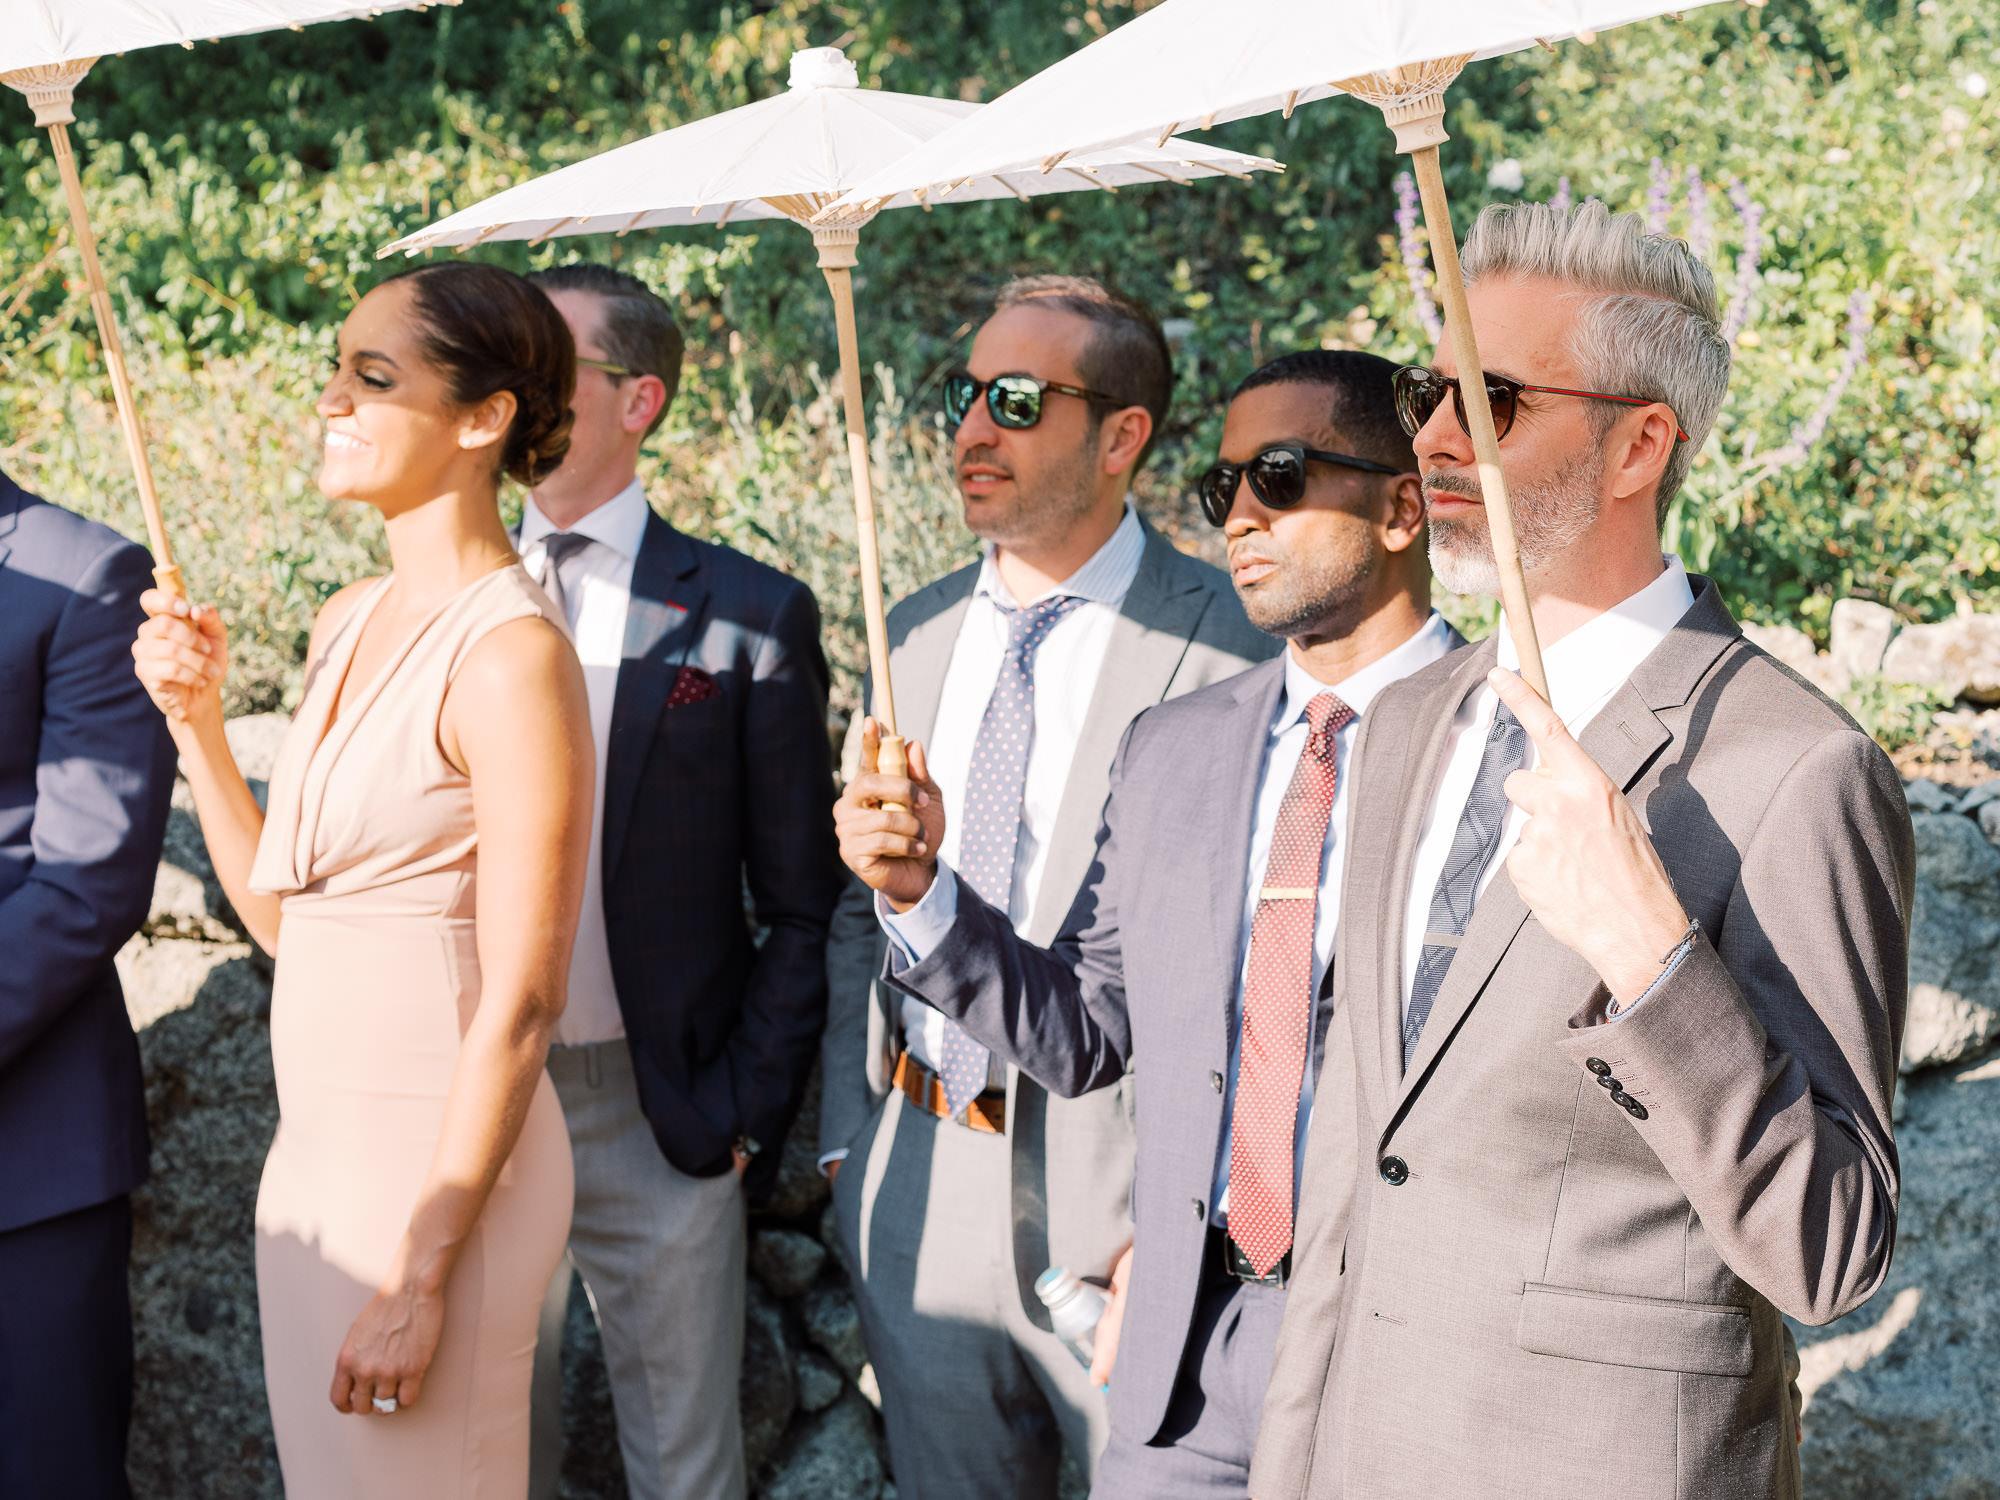 Hans-Fahden-Same-Sex-Wedding